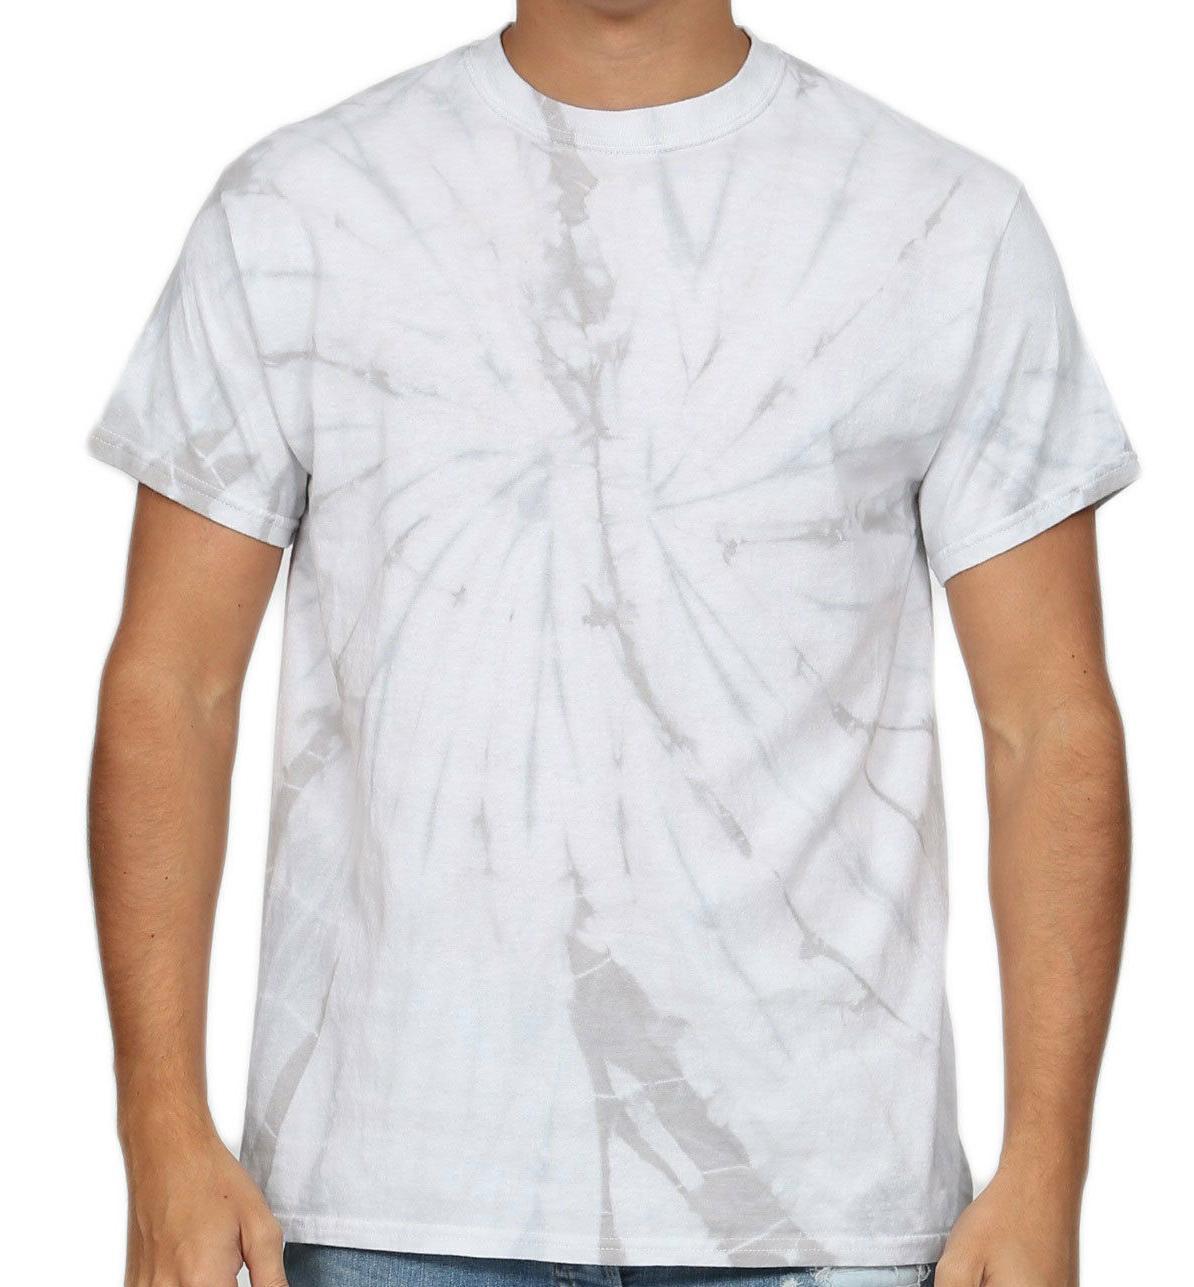 T-Shirts Plain Colors Tie Dye Kids and Adult Colortone Cotton 5.3